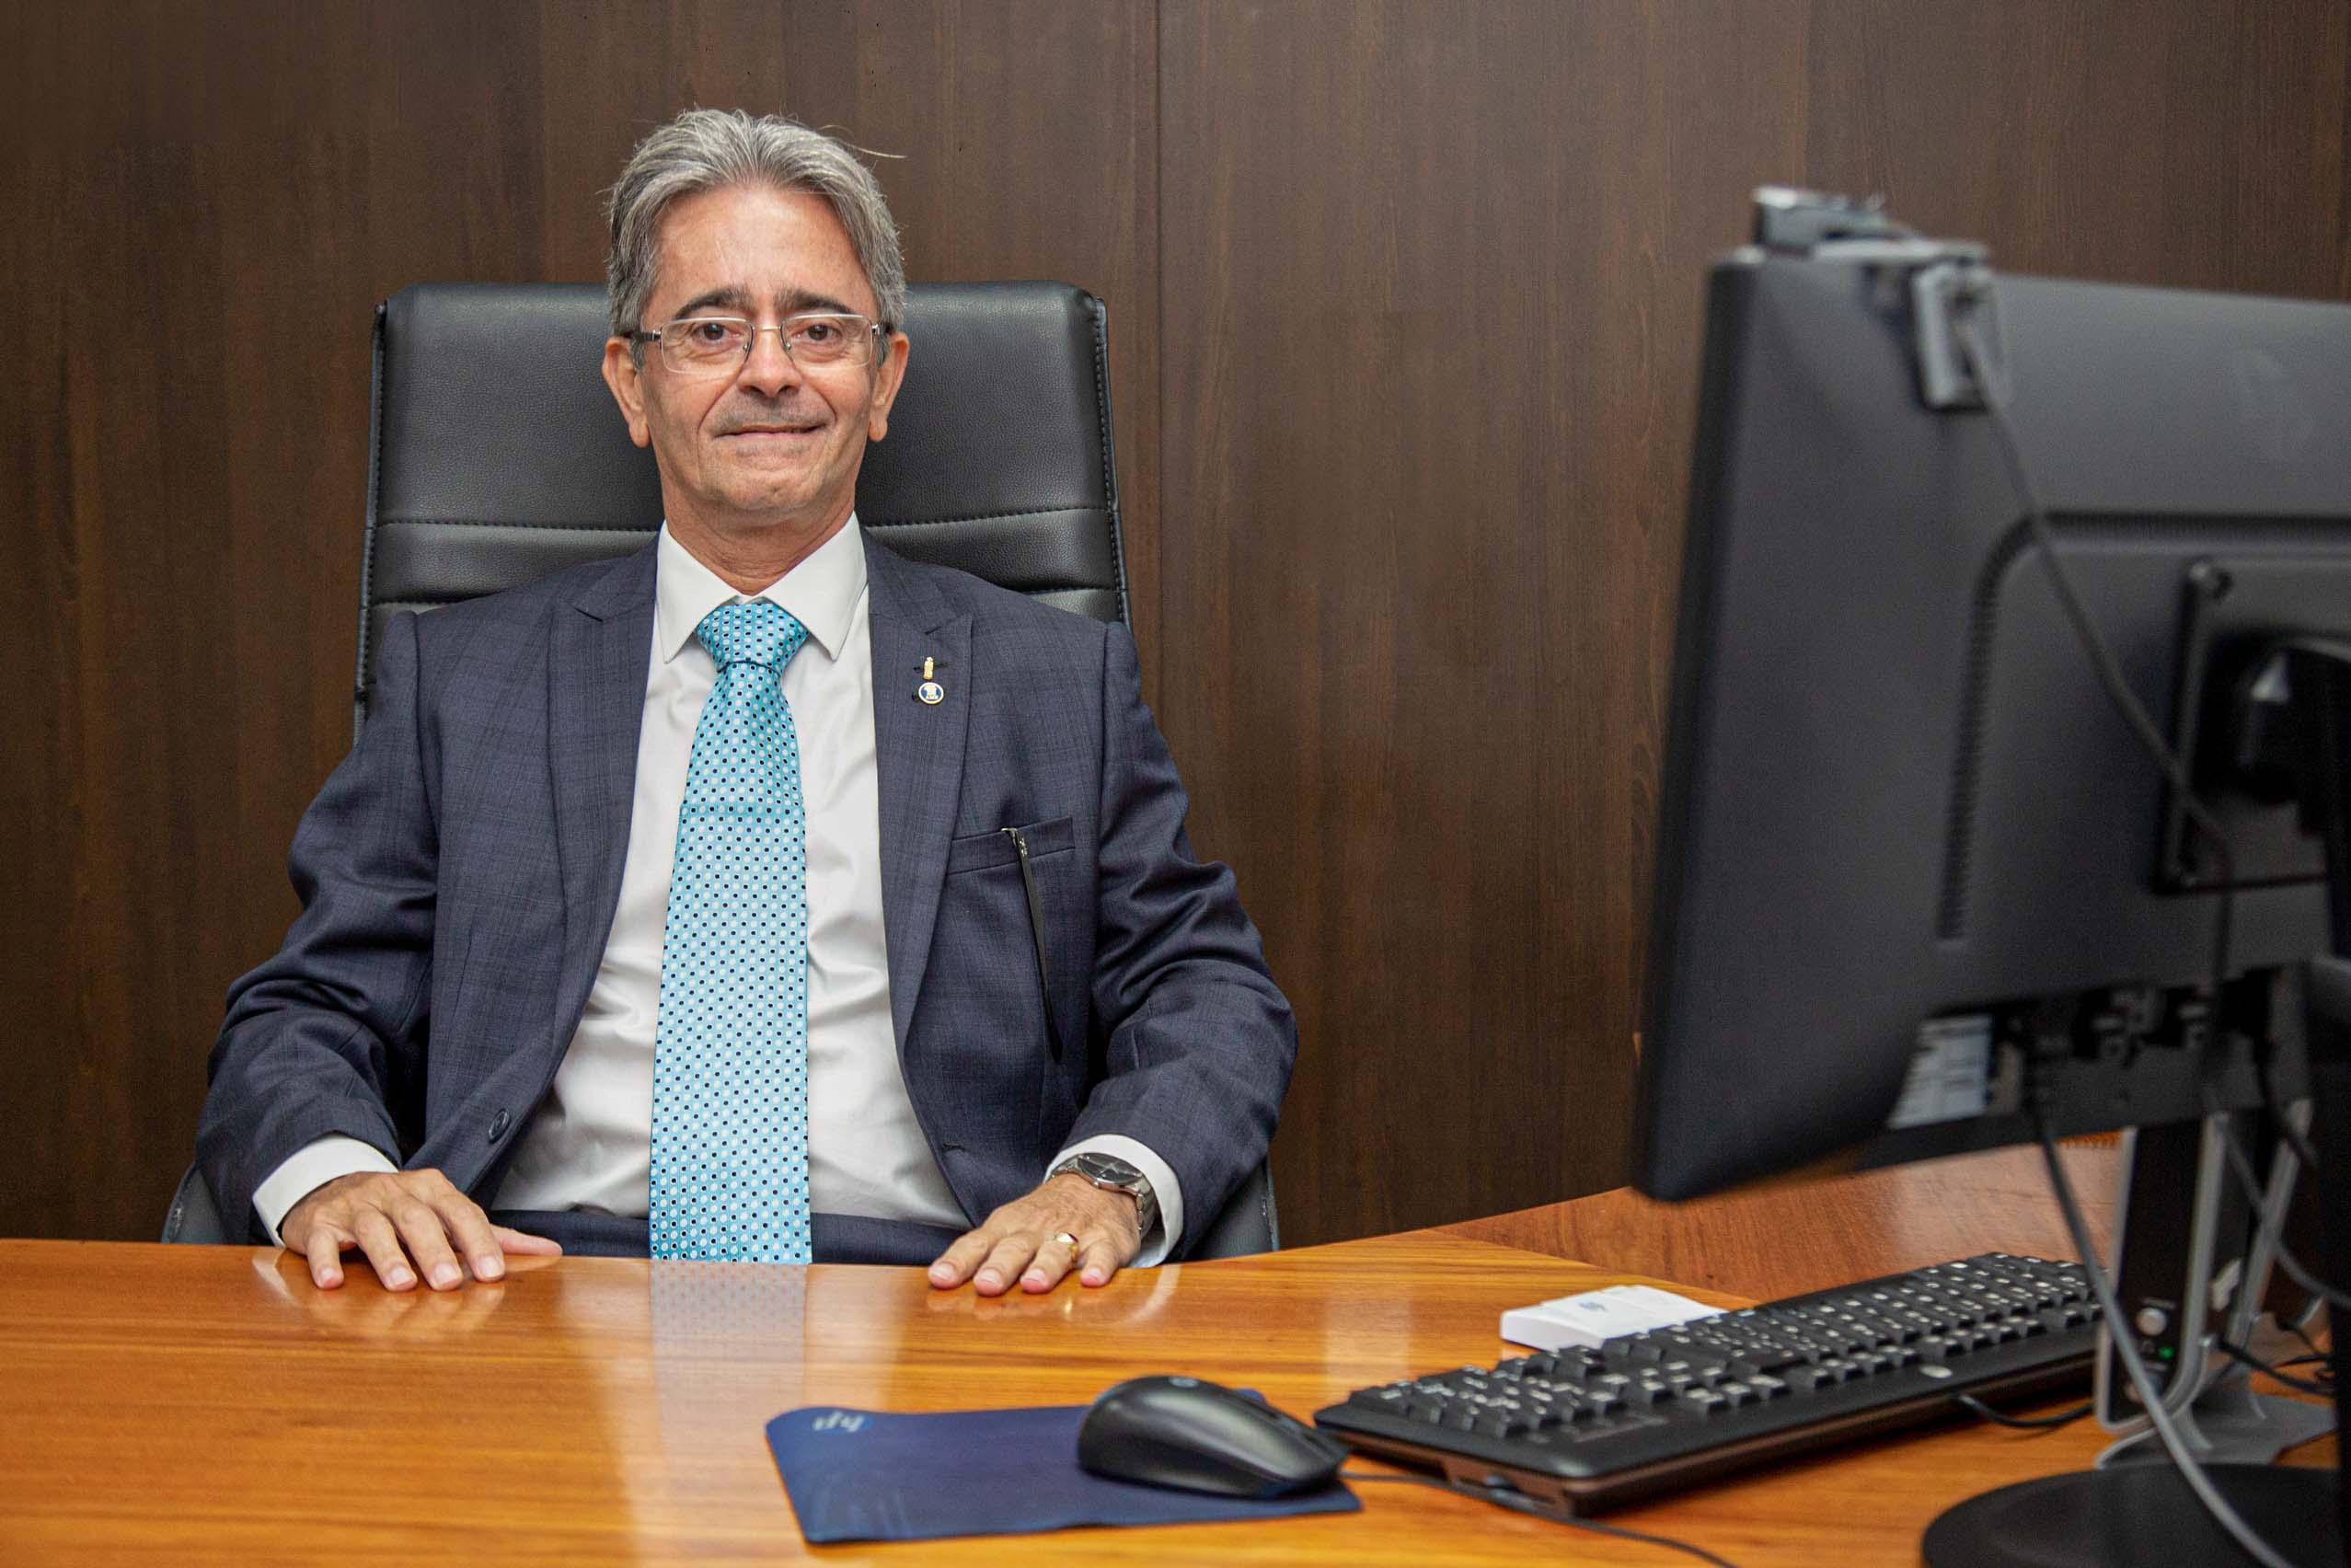 Corregedor-Geral da Justiça de Alagoas, Desembargador Fábio Bittencourt. Foto: Itawi Albuquerque